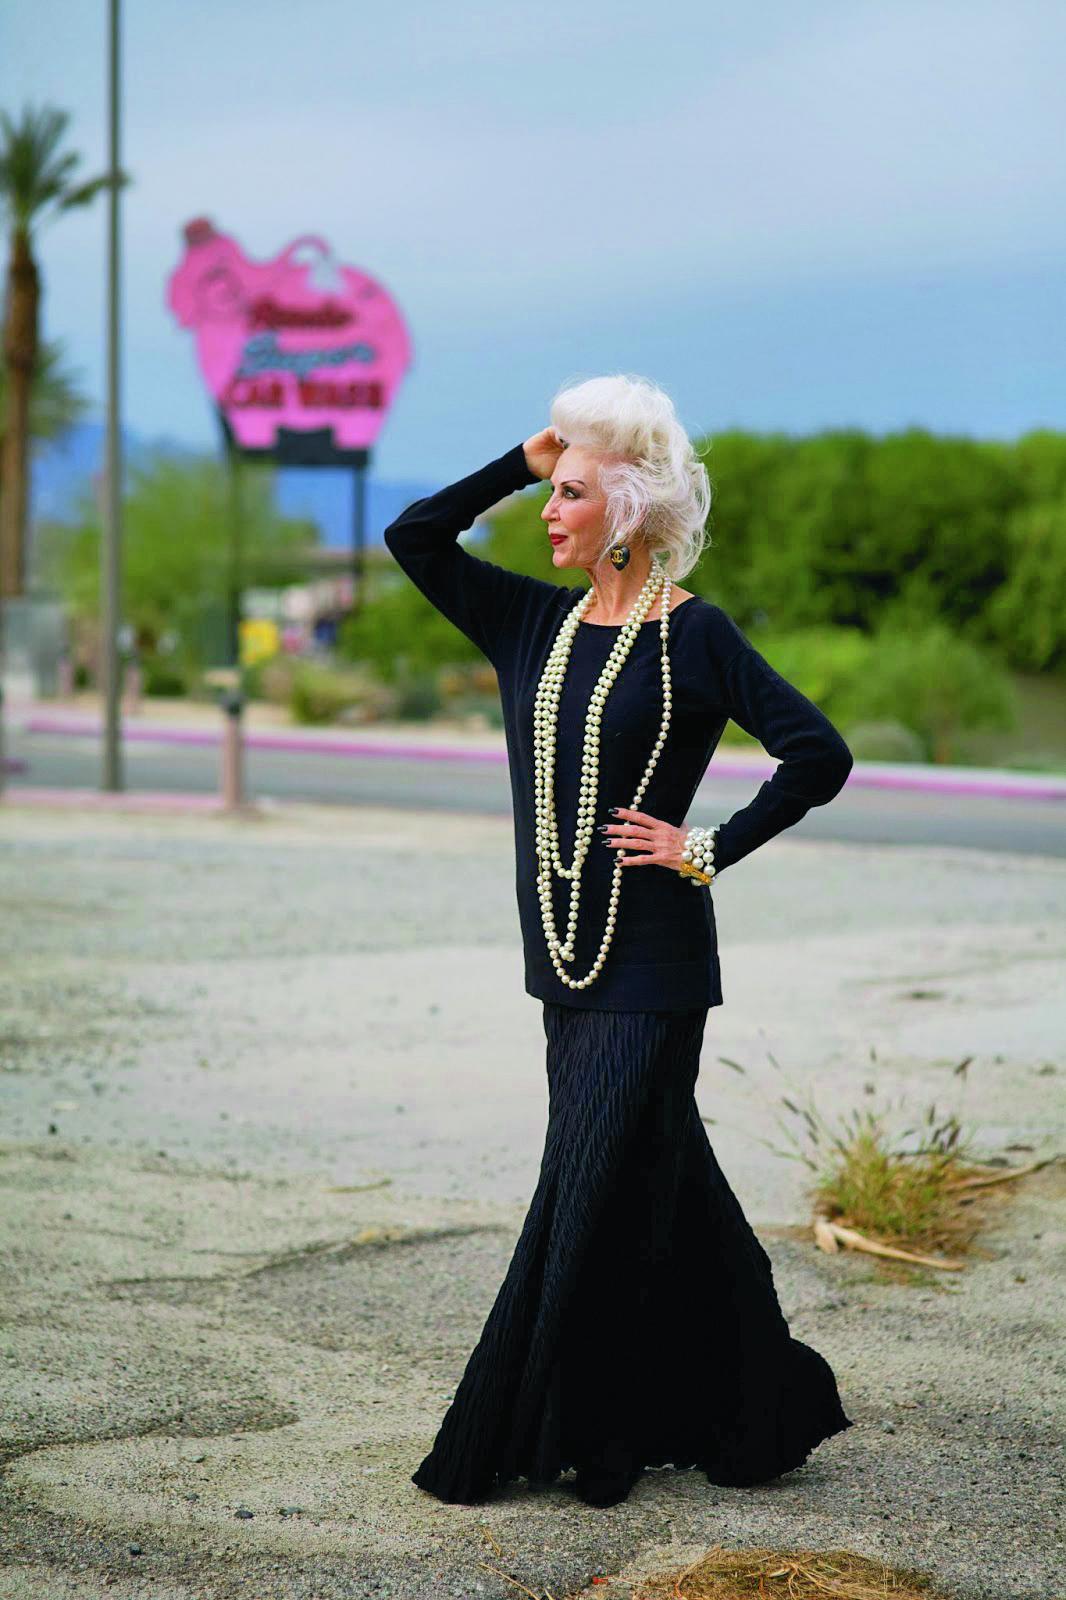 Colleen Heidemann, Rancho Mirage, CA